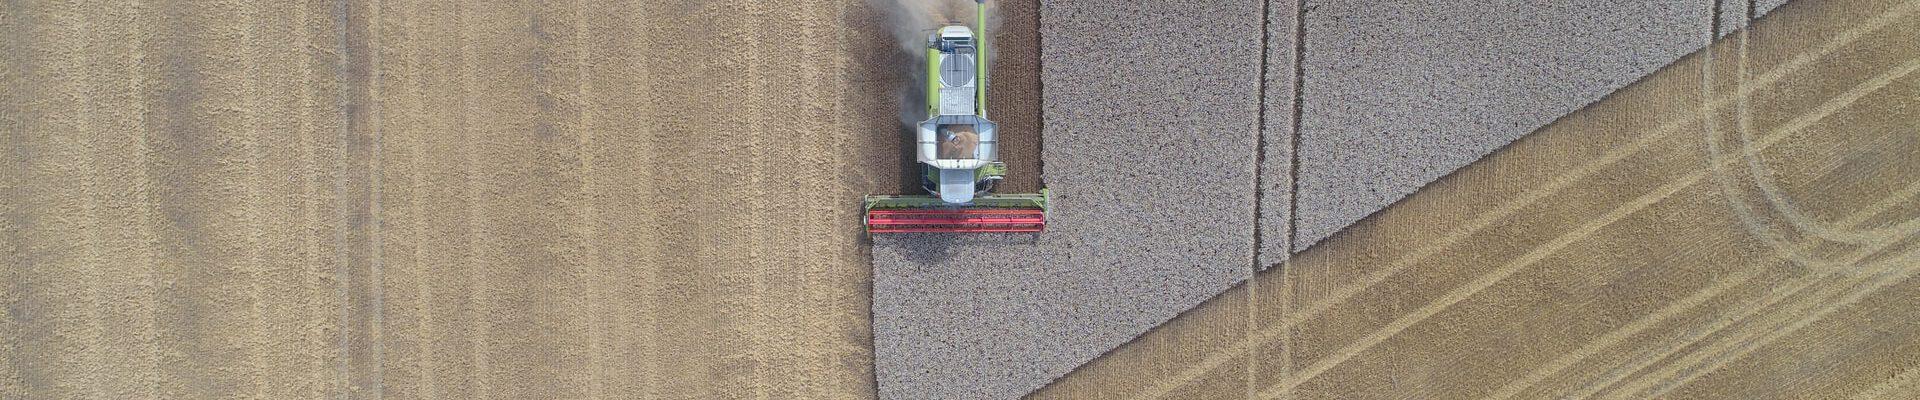 De plek voor tractor onderdelen